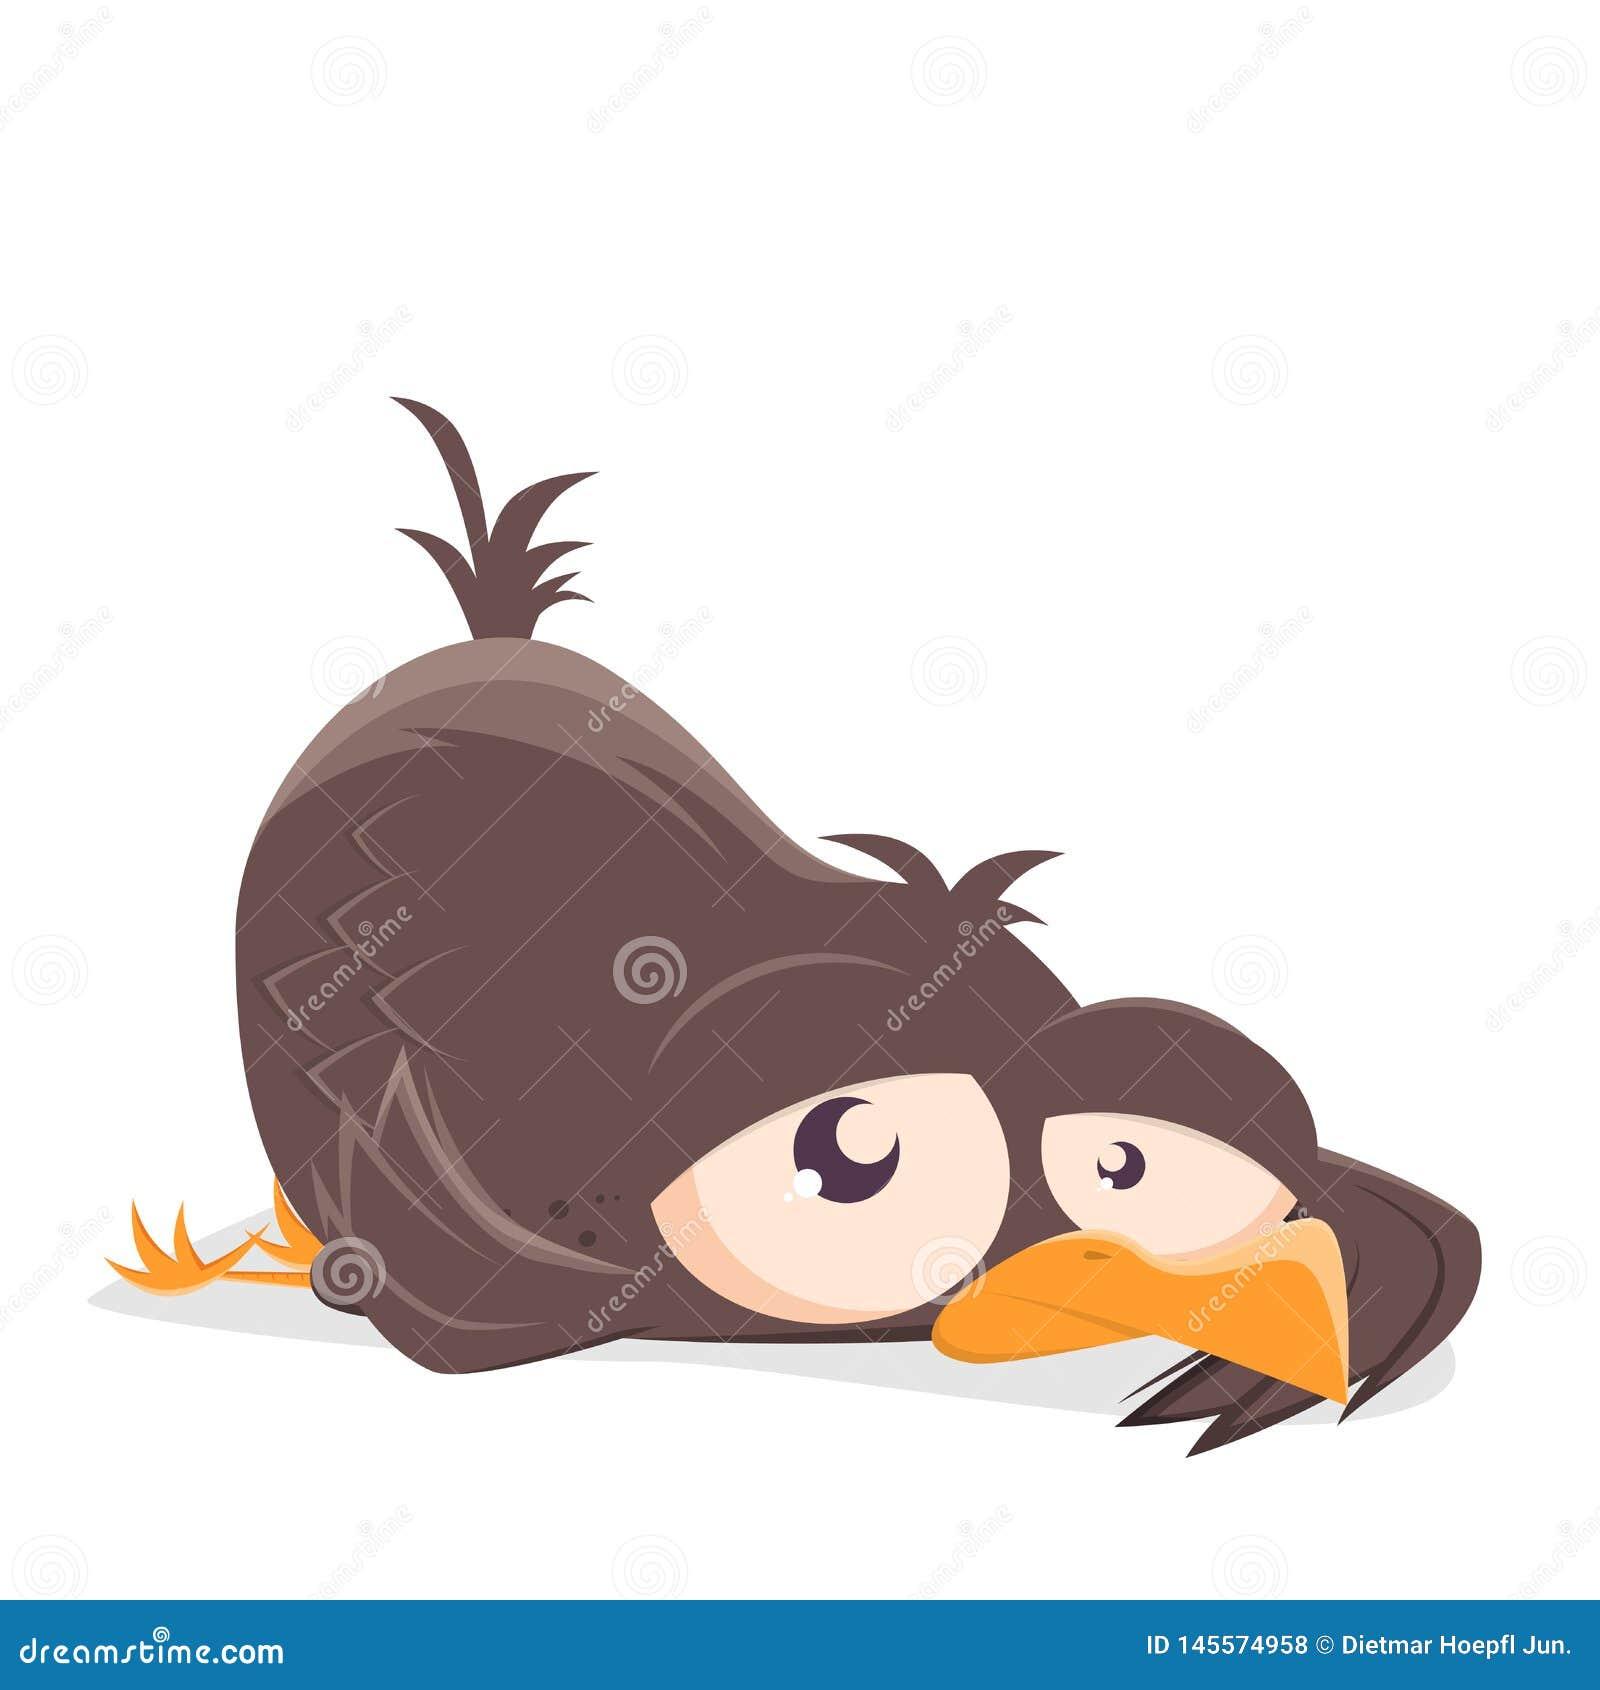 Illustratie van een beeldverhaalvogel ter plaatse